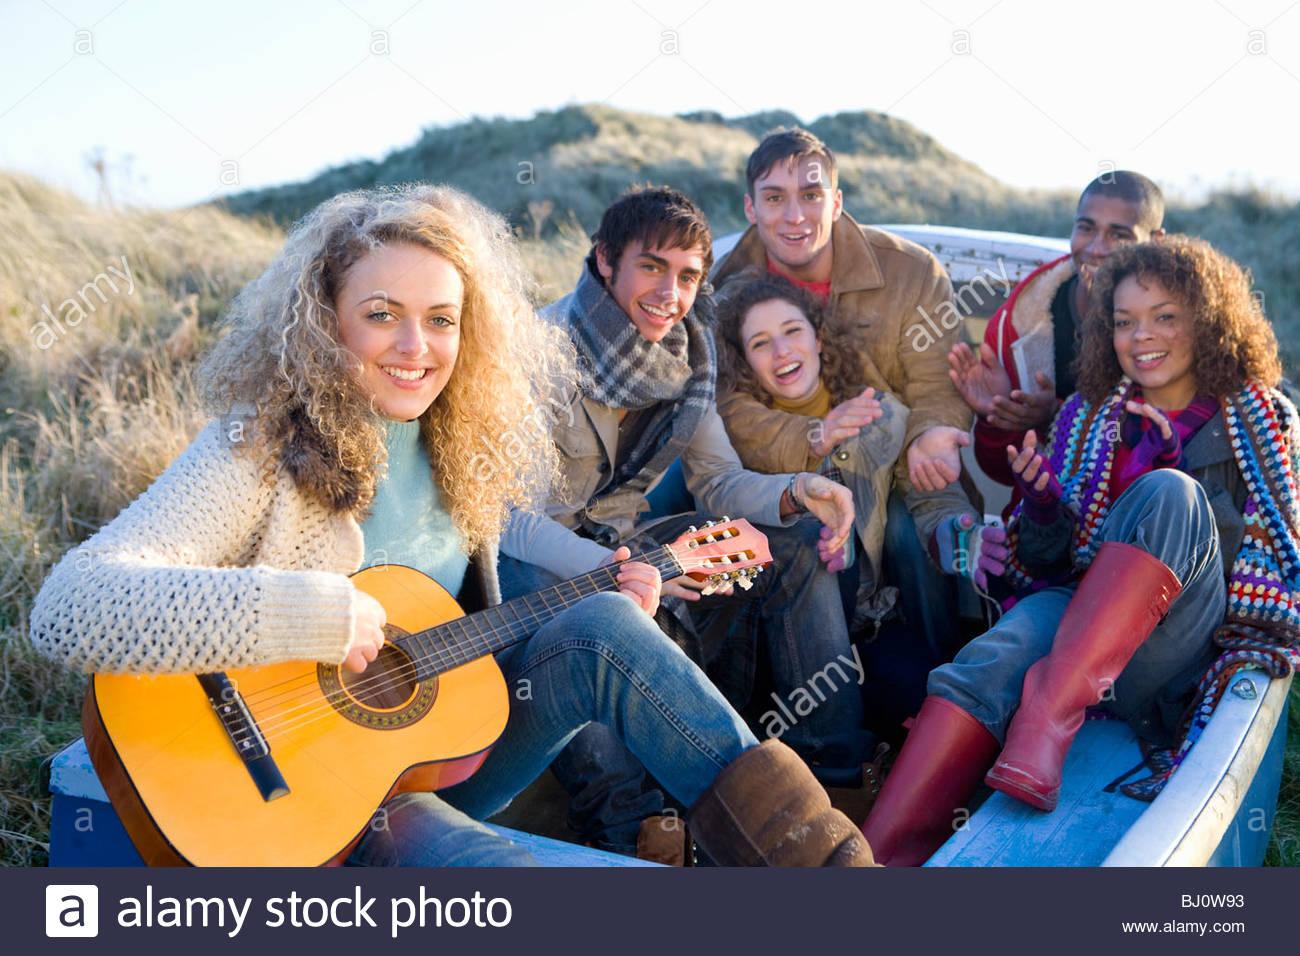 Amici seduti in barca a cantare e divertirsi Immagini Stock